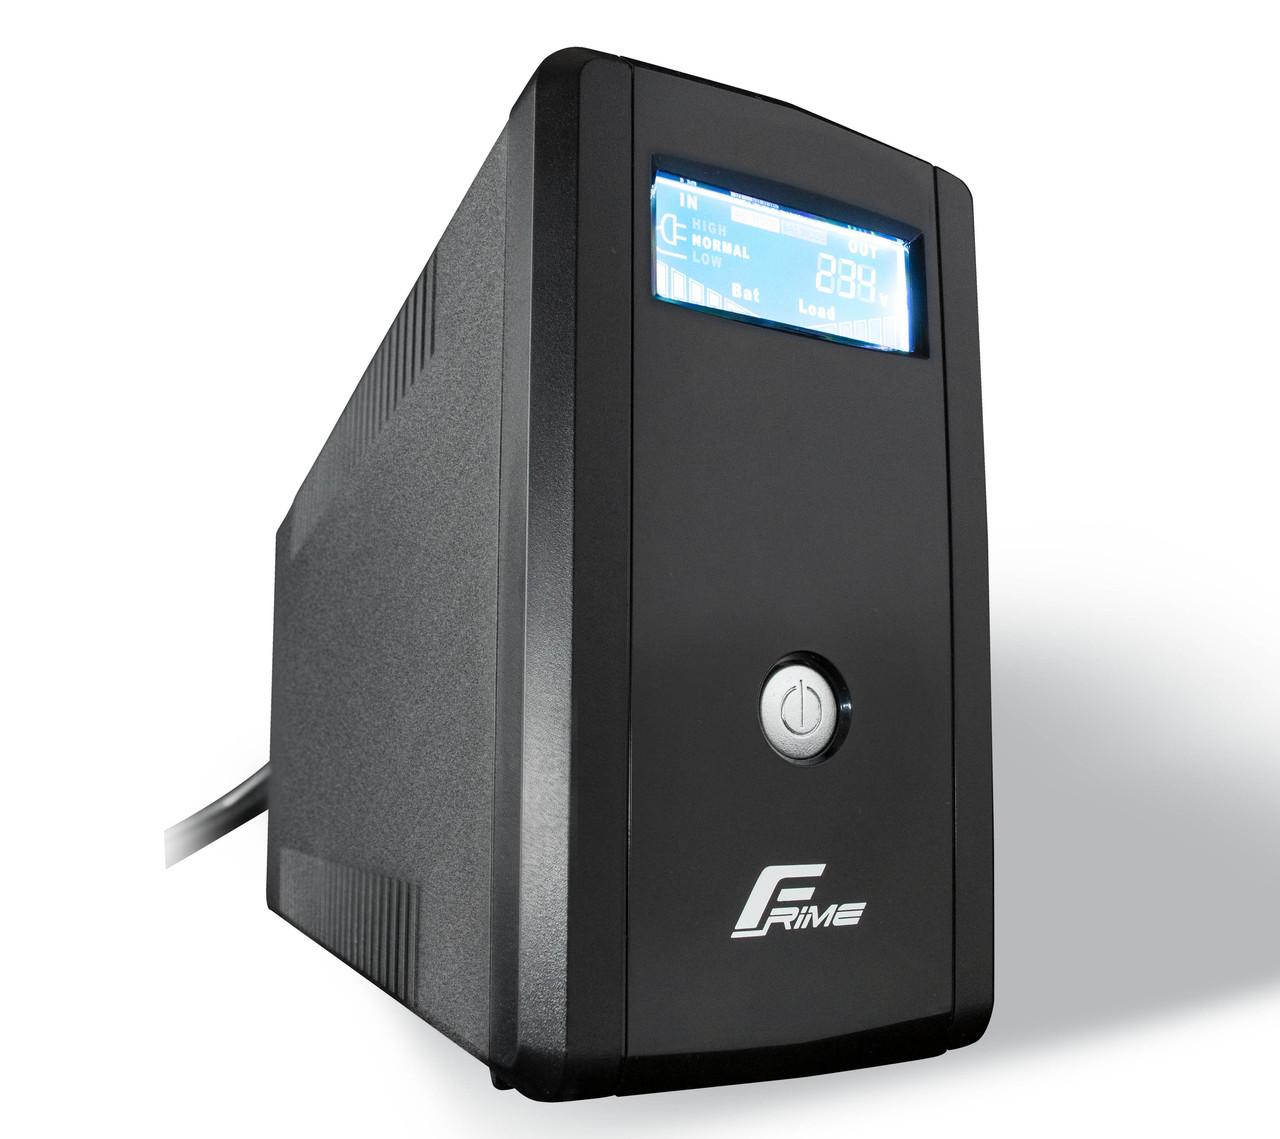 ИБП Frime GUARD 850VA LCD